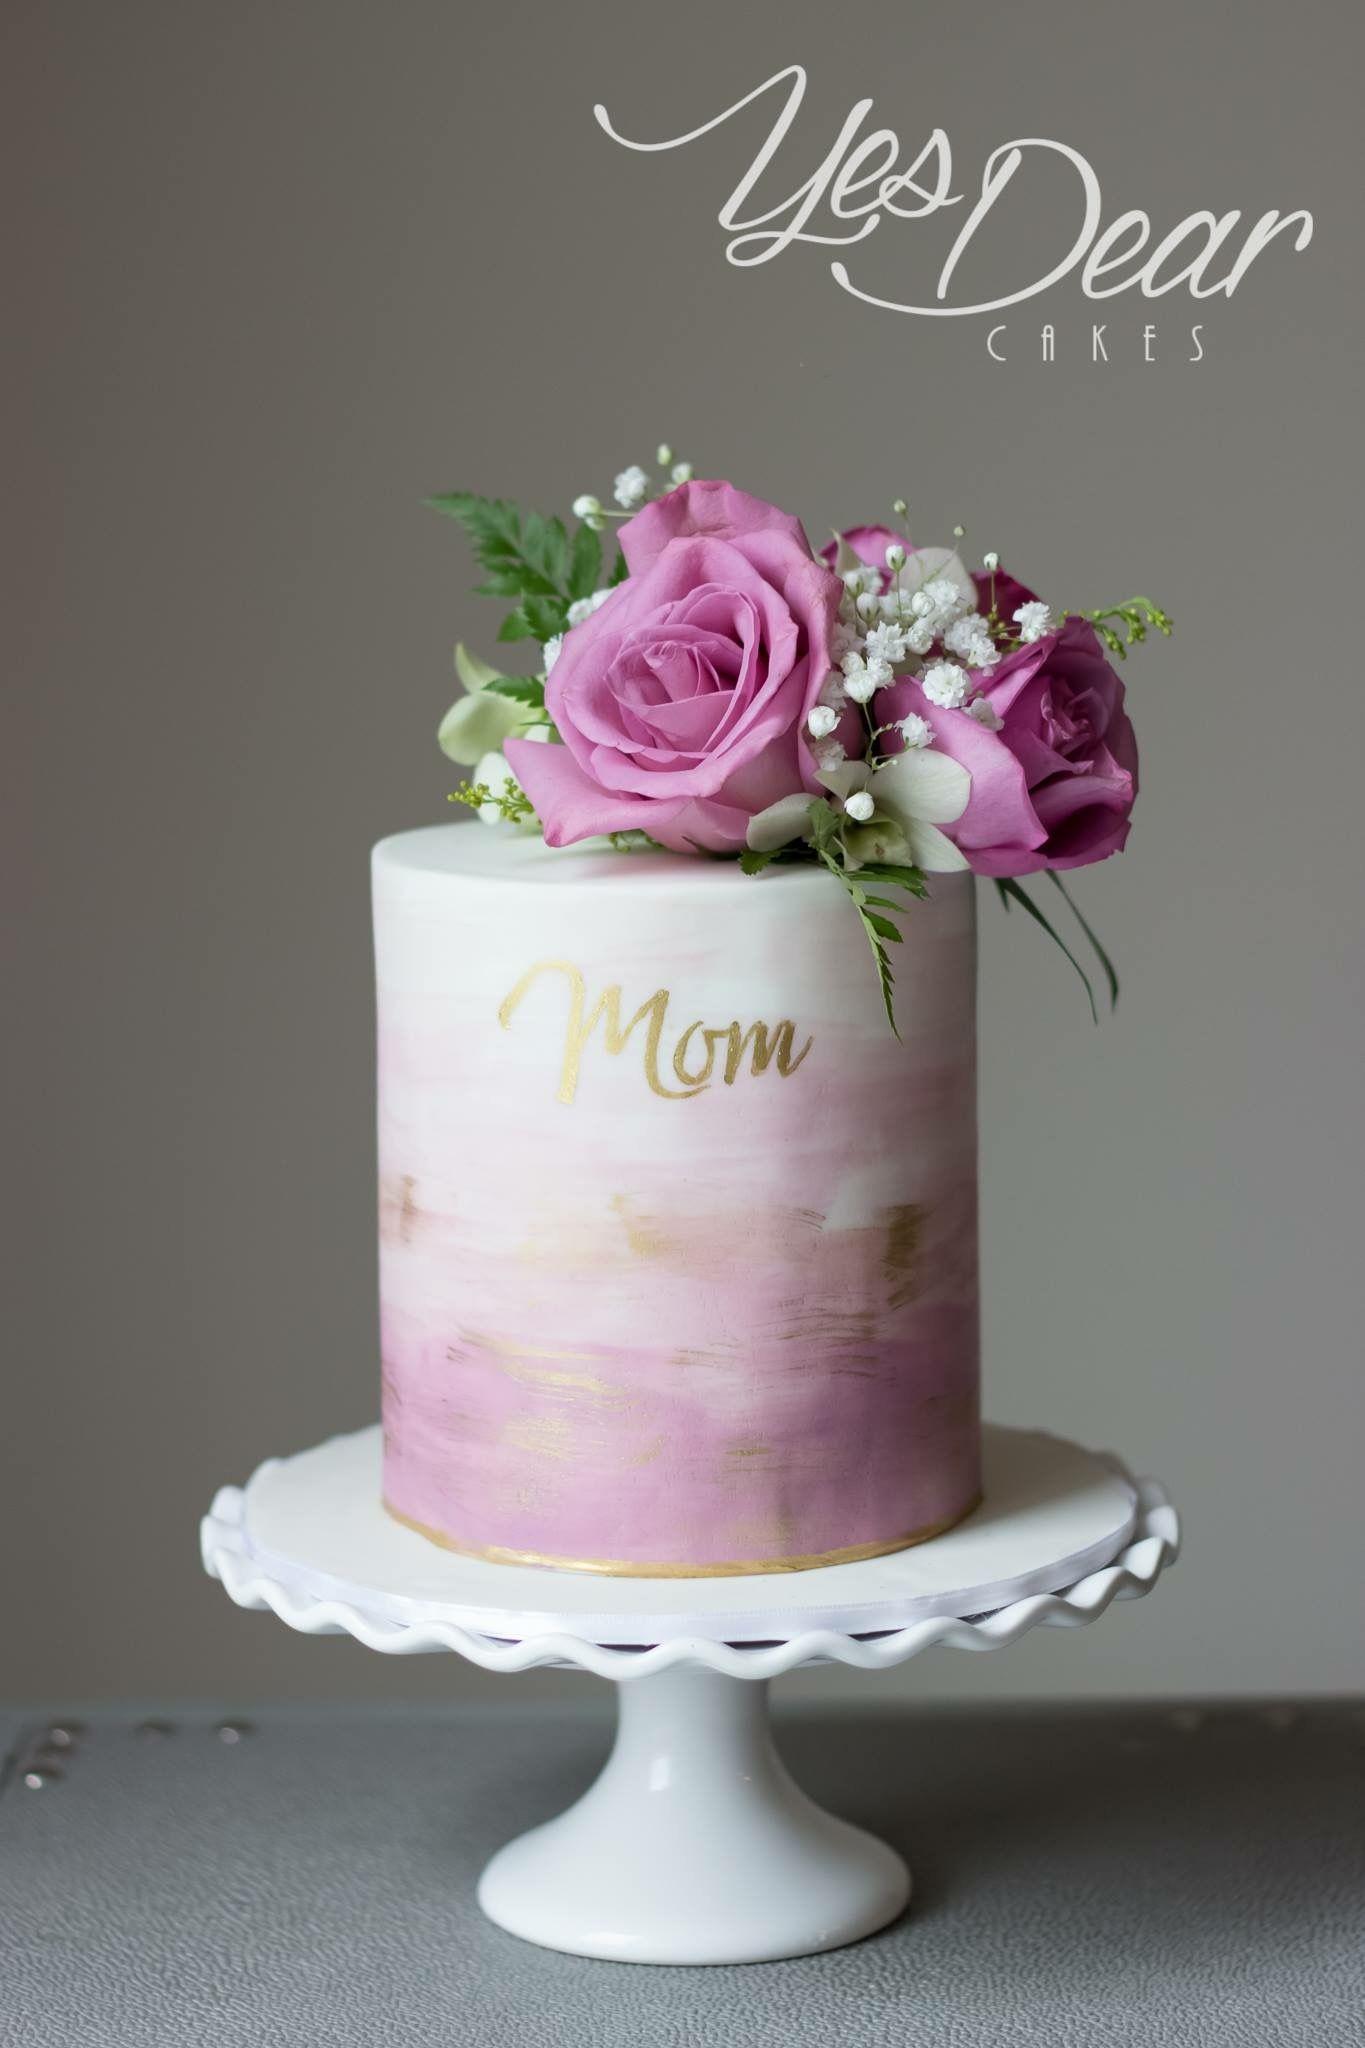 Pin by Wanda Snuttjer on Cakes Buttercream birthday cake